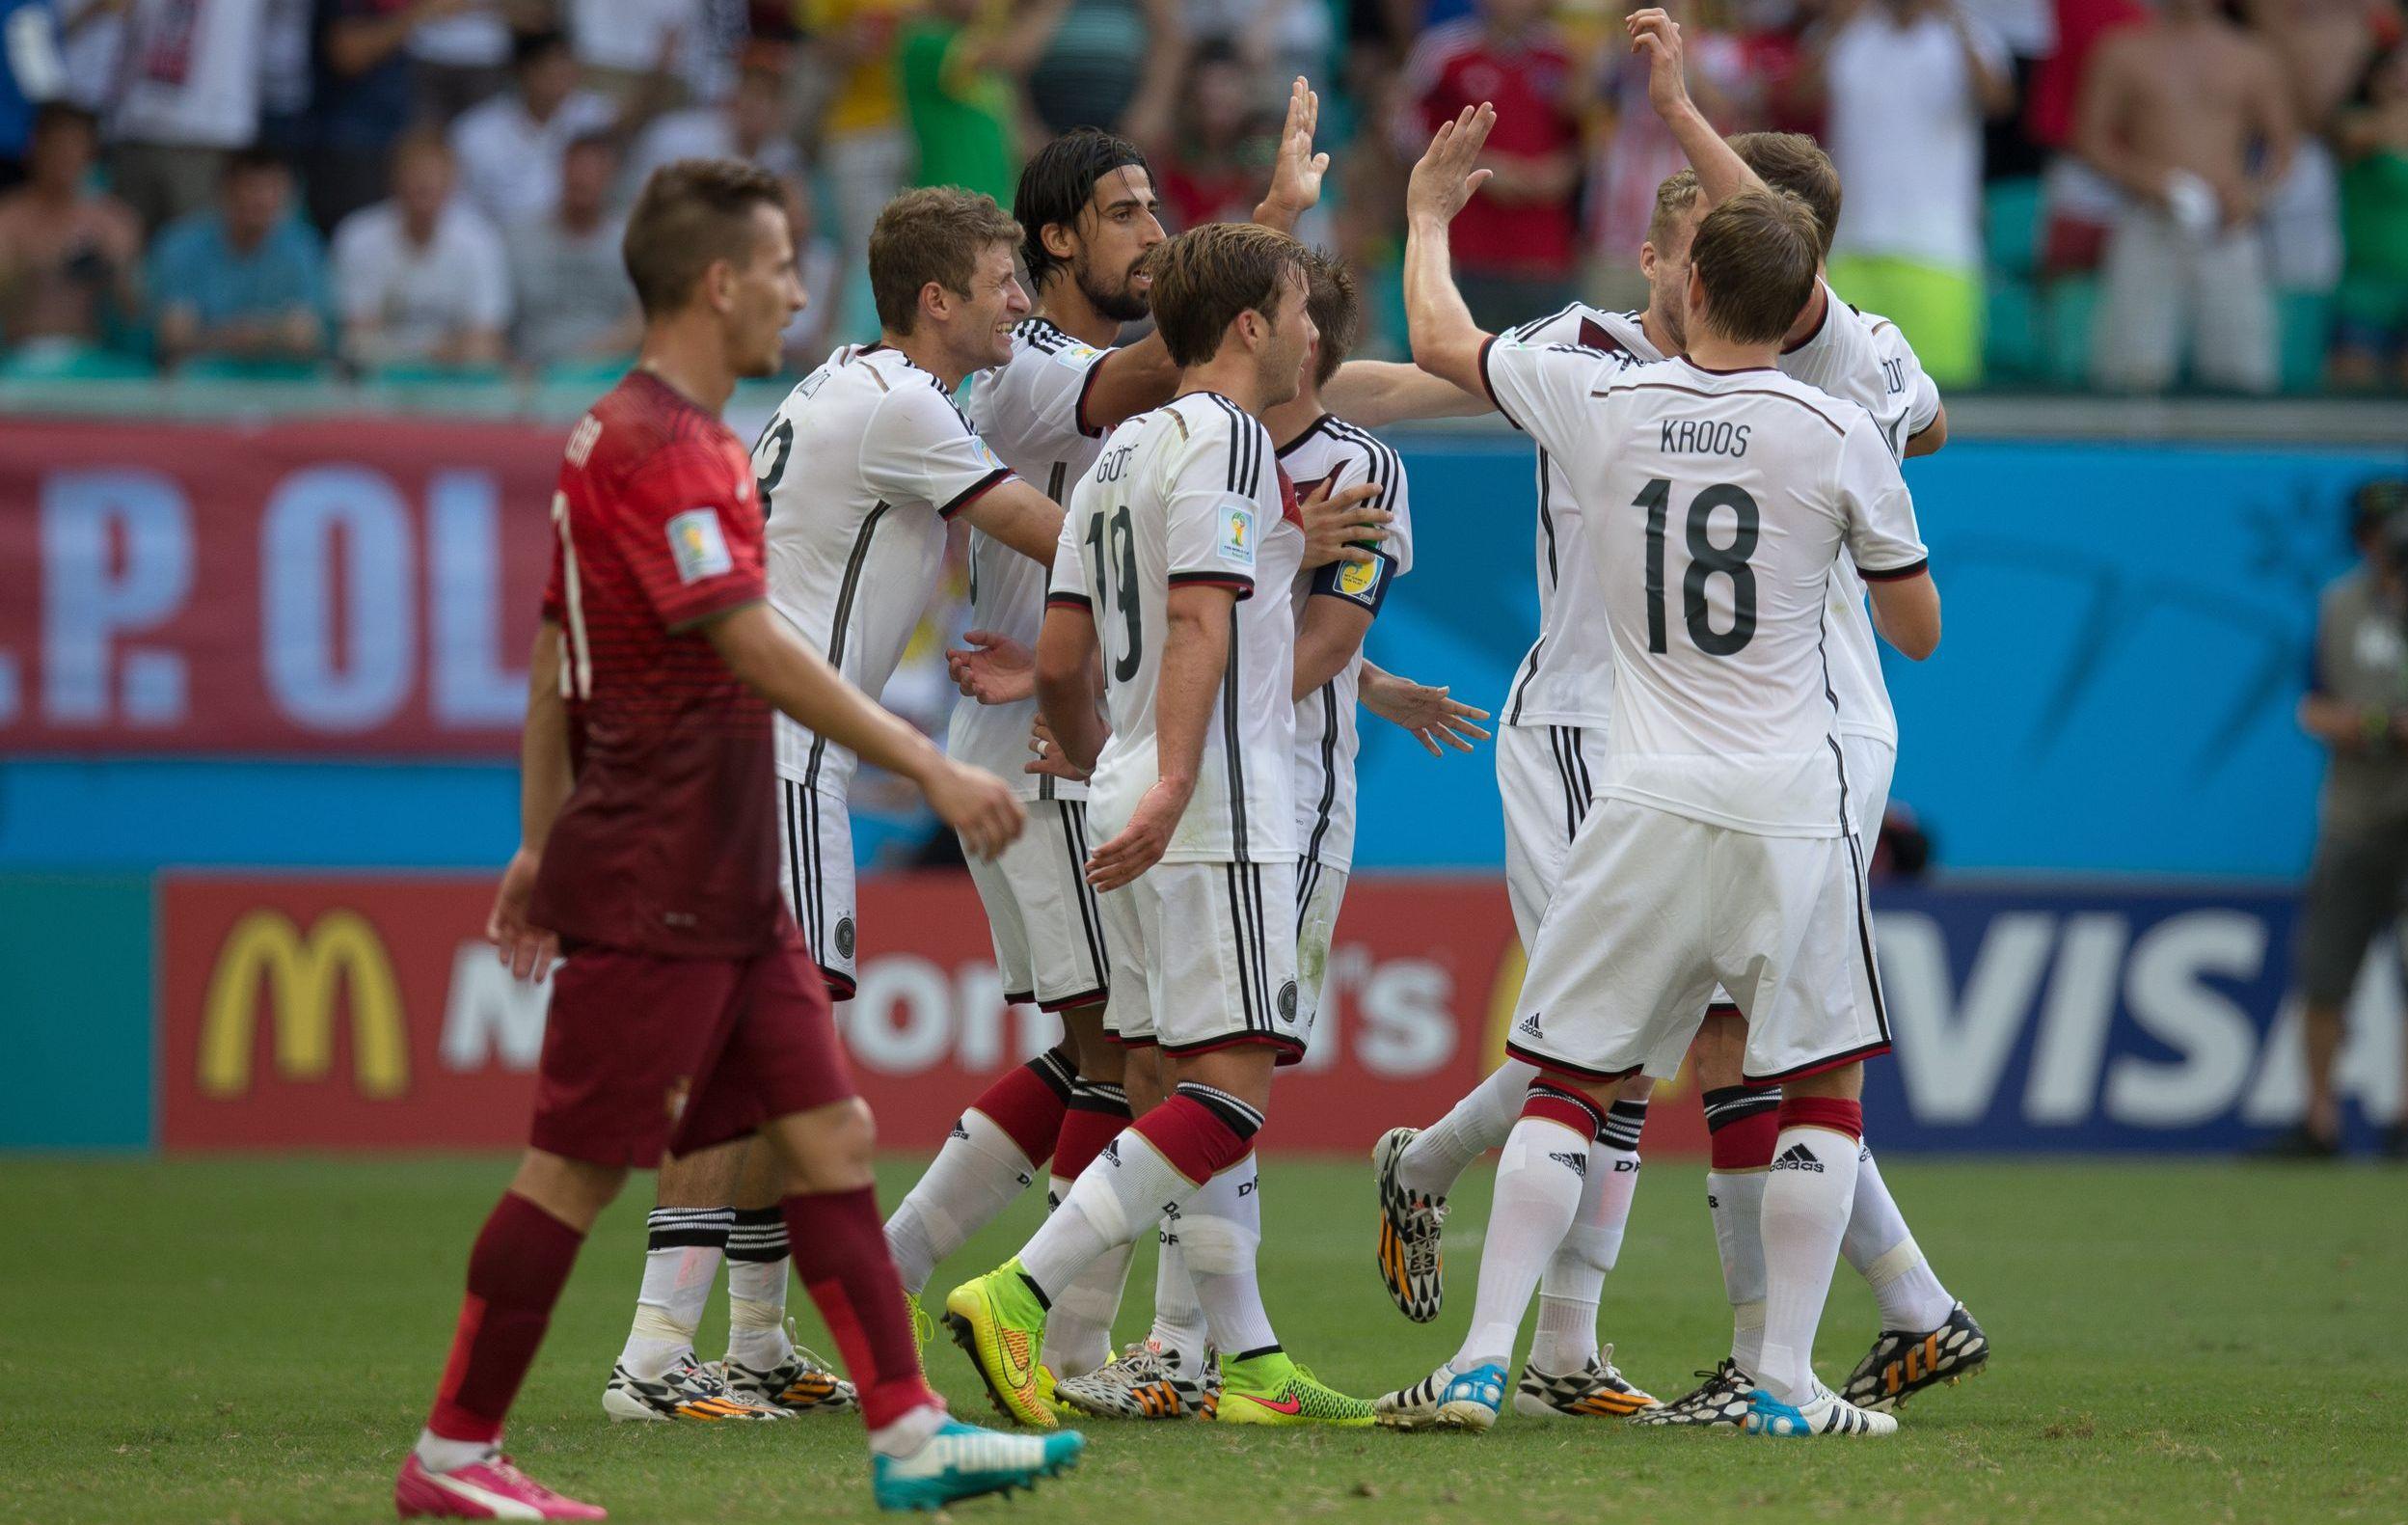 L allemagne fait exploser le portugal 2014 br sil - Coupe du monde 2014 bresil allemagne ...